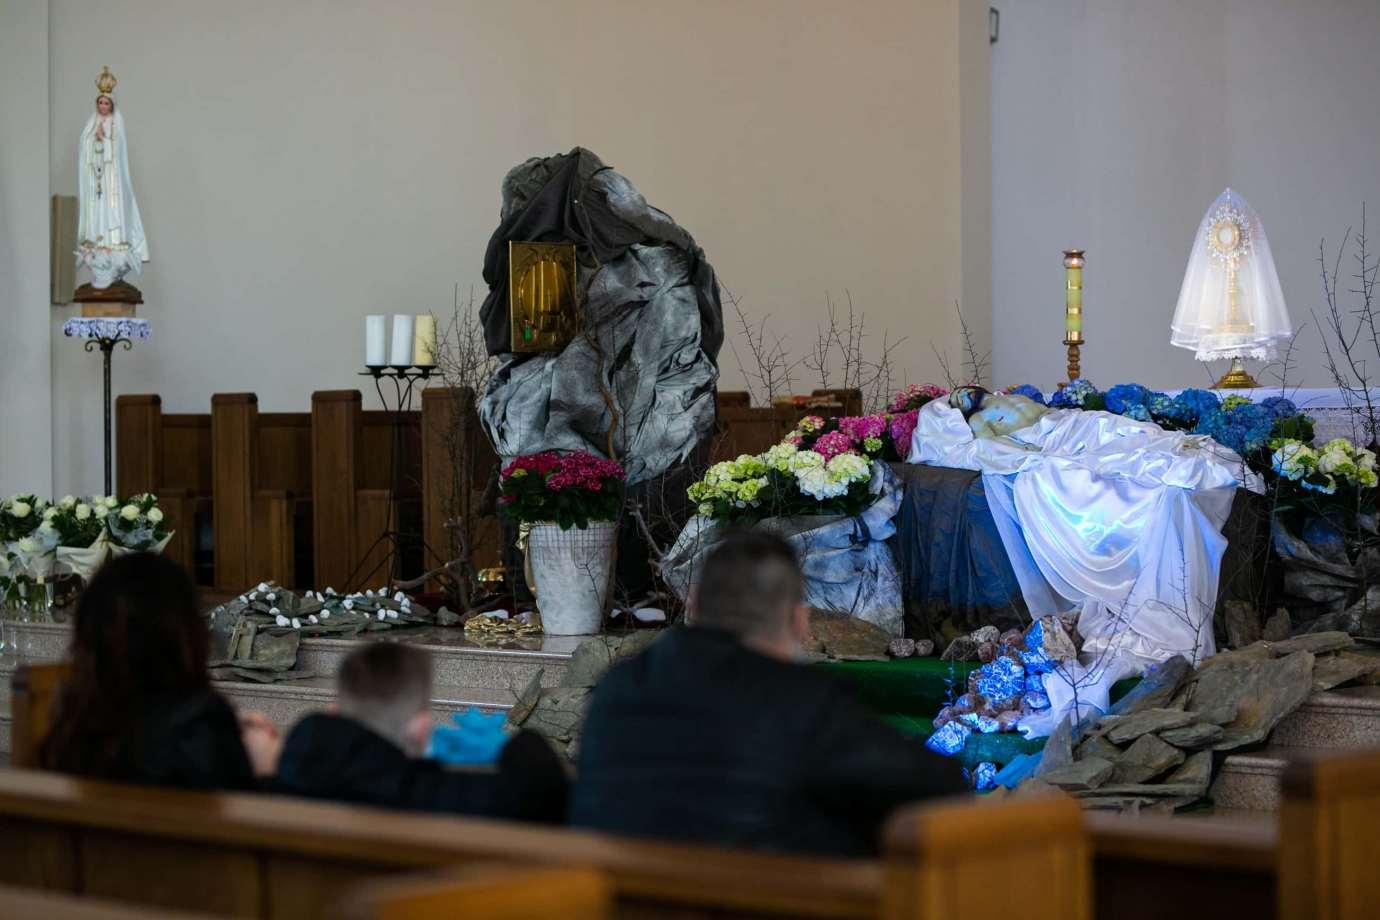 parafia pw swietego brata alberta w zamosciu 2 Zdjęcia grobów pańskich w zamojskich świątyniach